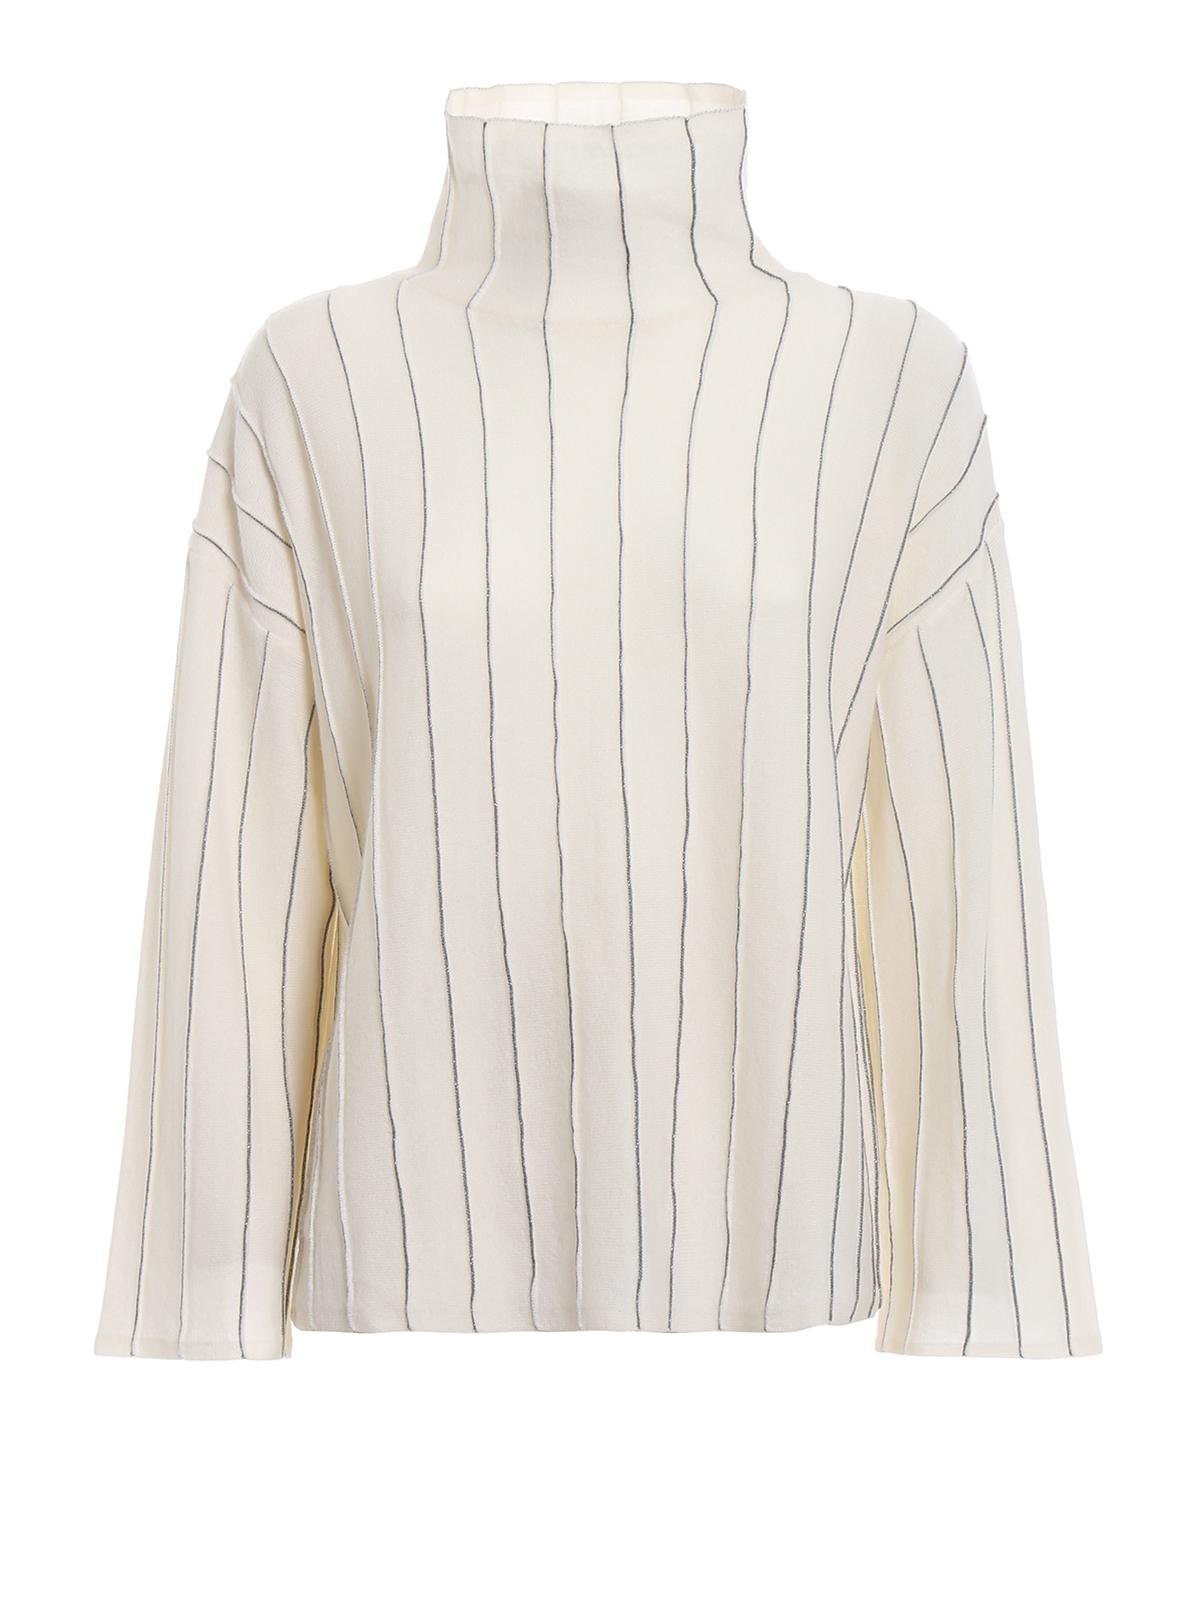 03d0da34d Pinstriped merino wool boxy off white sweater - PAOLO FIORILLO CAPRI -  Paolo Fiorillo